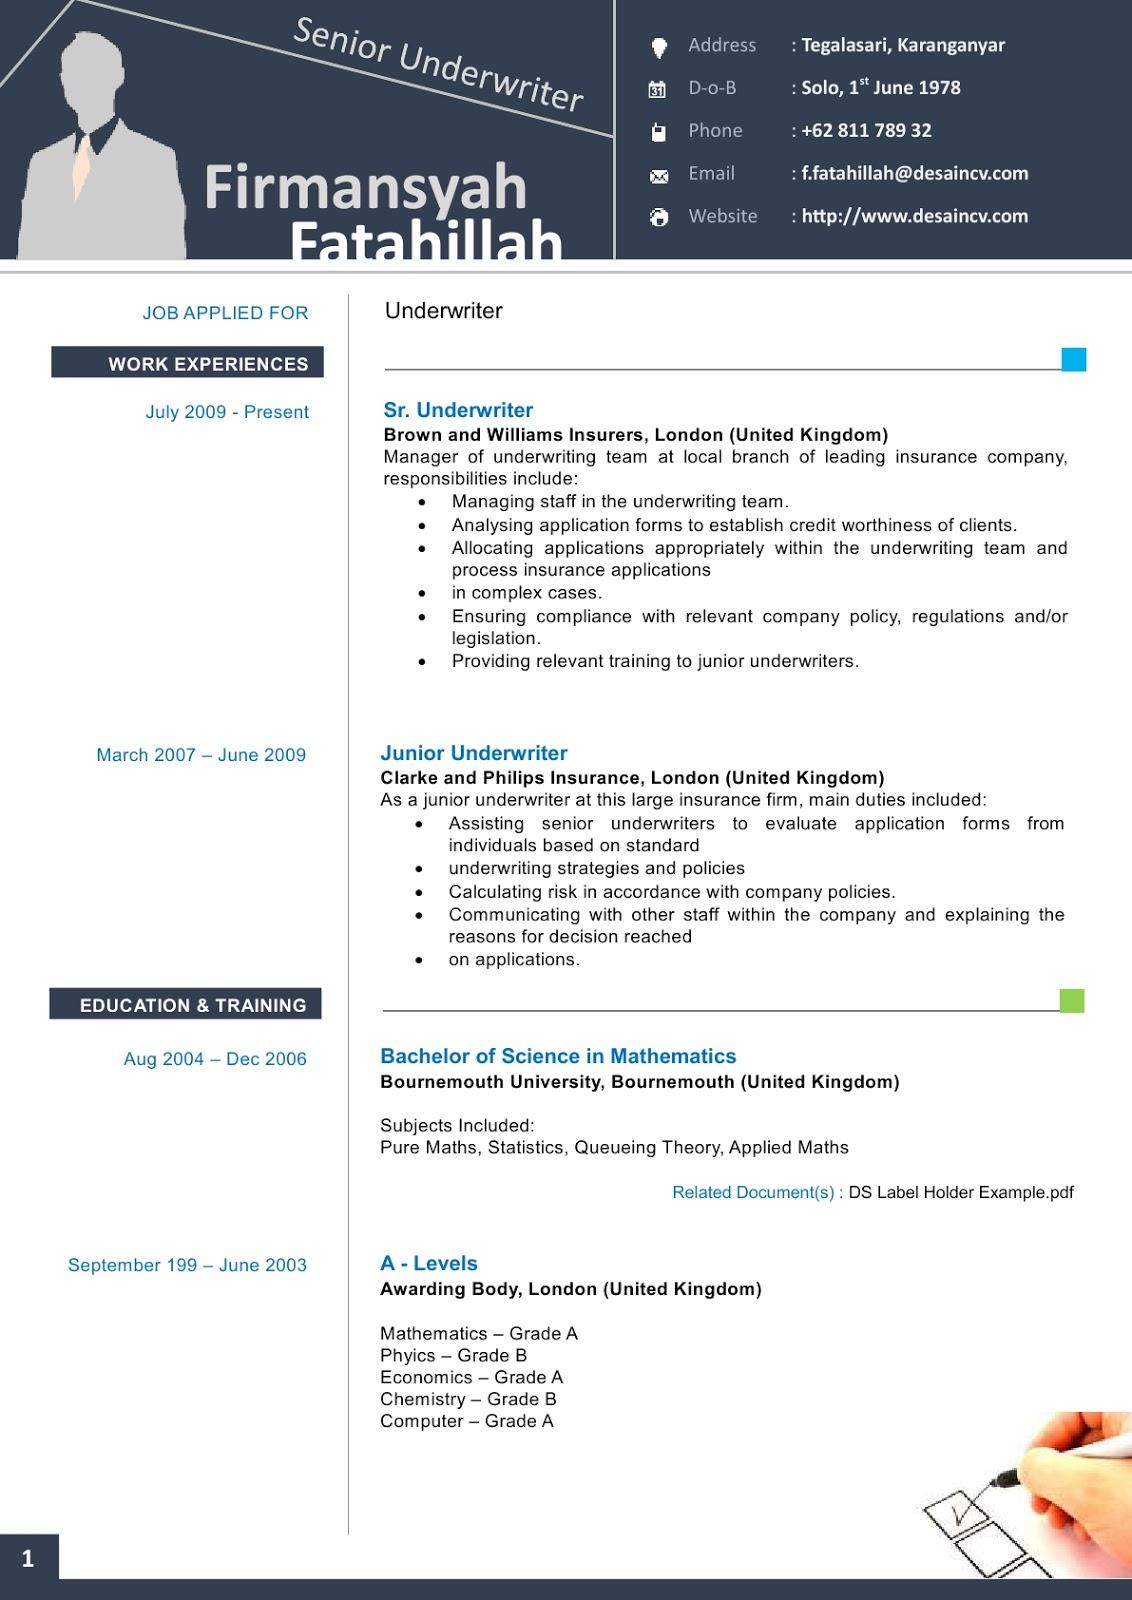 contoh daftar riwayat hidup dalam bahasa inggris yang baik dan benar, contoh cv bahasa inggris doc, contoh cv dalam bahasa indonesia, contoh lamaran kerja dalam bahasa inggris, cv bahasa inggris fresh graduate, download contoh cv bahasa inggris, contoh cv dalam bahasa inggris lengkap, contoh cv bahasa inggris untuk mahasiswa   ben-jobs.blogspot.com